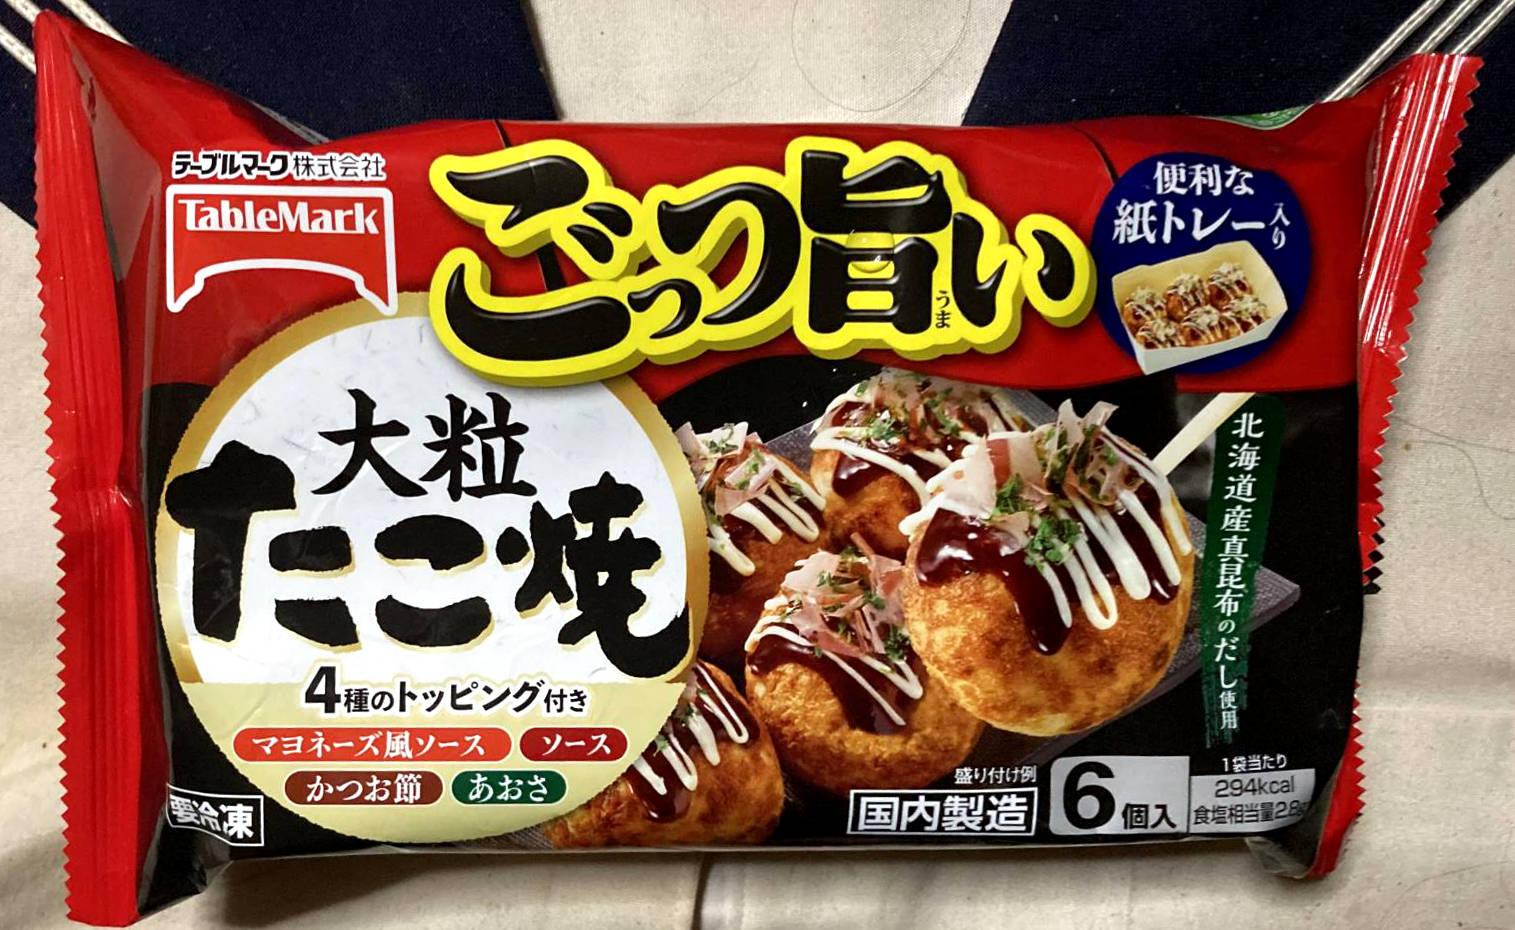 ごっつ旨い大粒たこ焼|テーブルマーク株式会社の冷凍食品